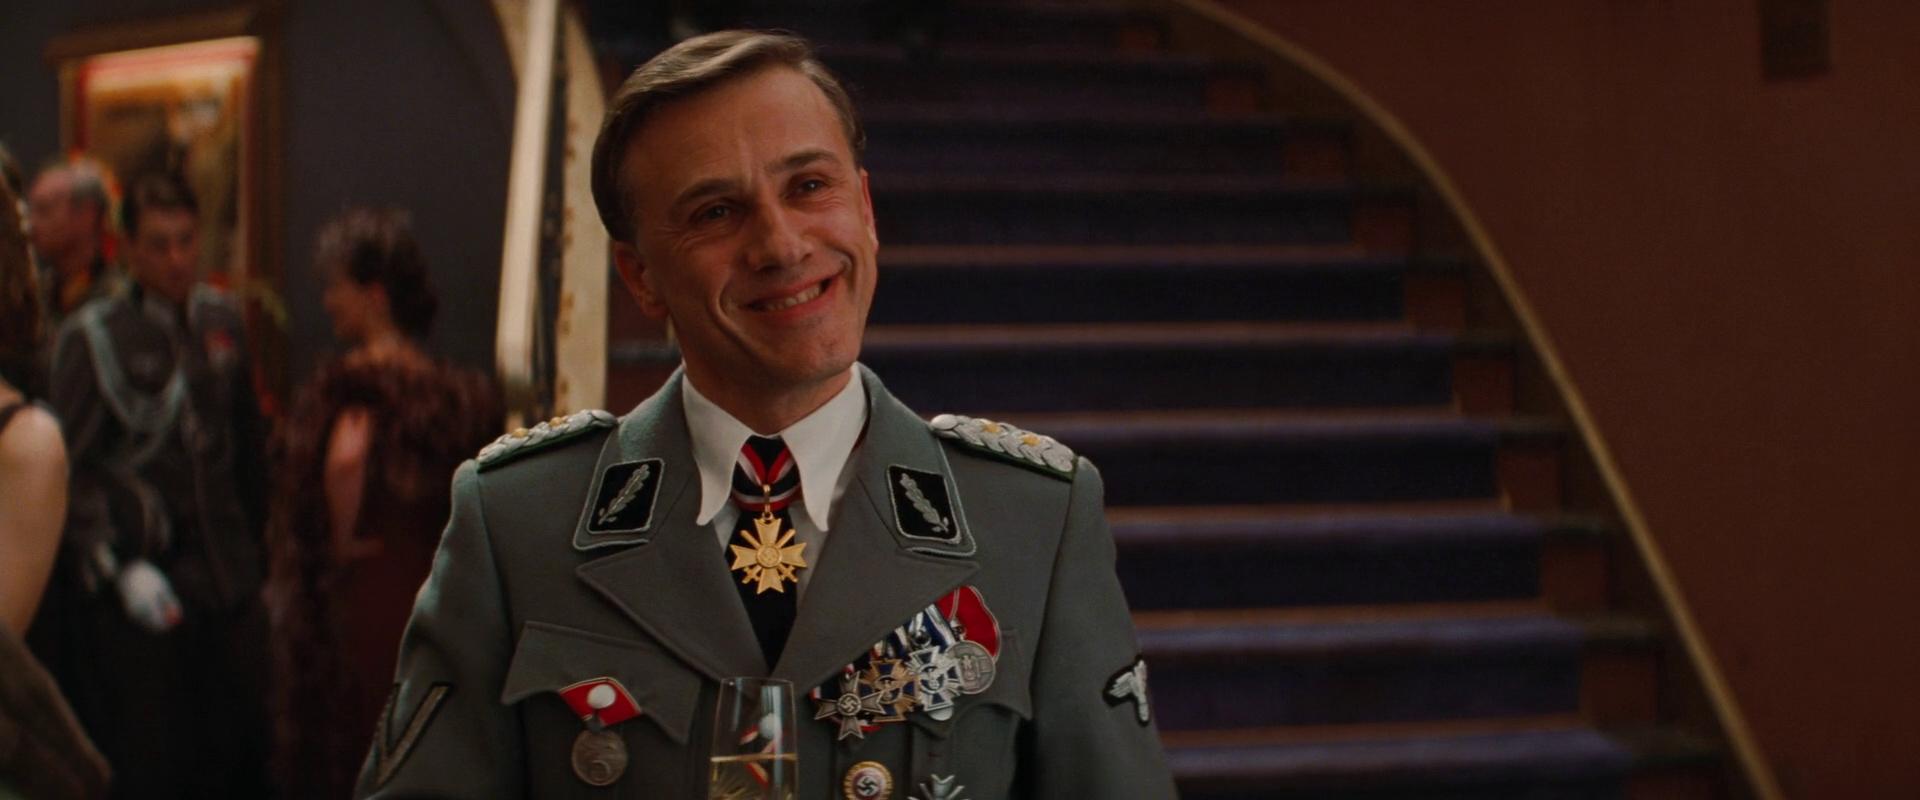 """Po Lukinim riječima, Hans Landa, koga igra Cristoph Waltz u Tarantinovom filmu """"Inglorious Basterds"""", mu je omiljeni filmski lik"""